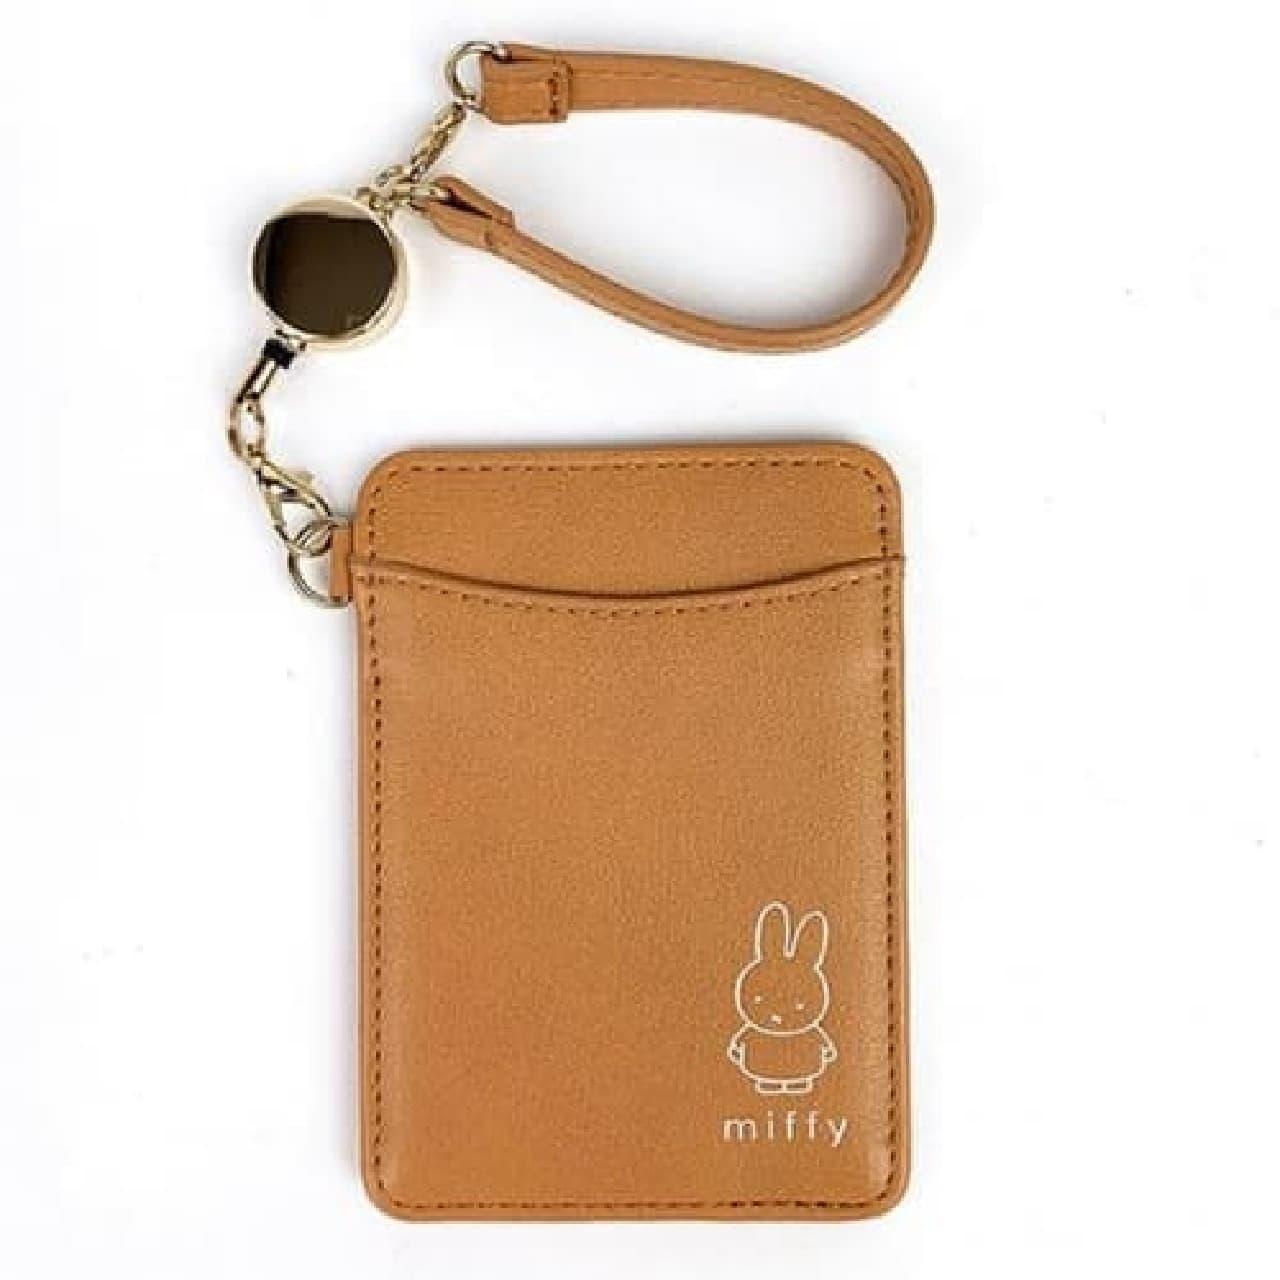 ミッフィー×キャメルカラーの大人っぽいポーチや財布 -- クロス付き眼鏡ケースも